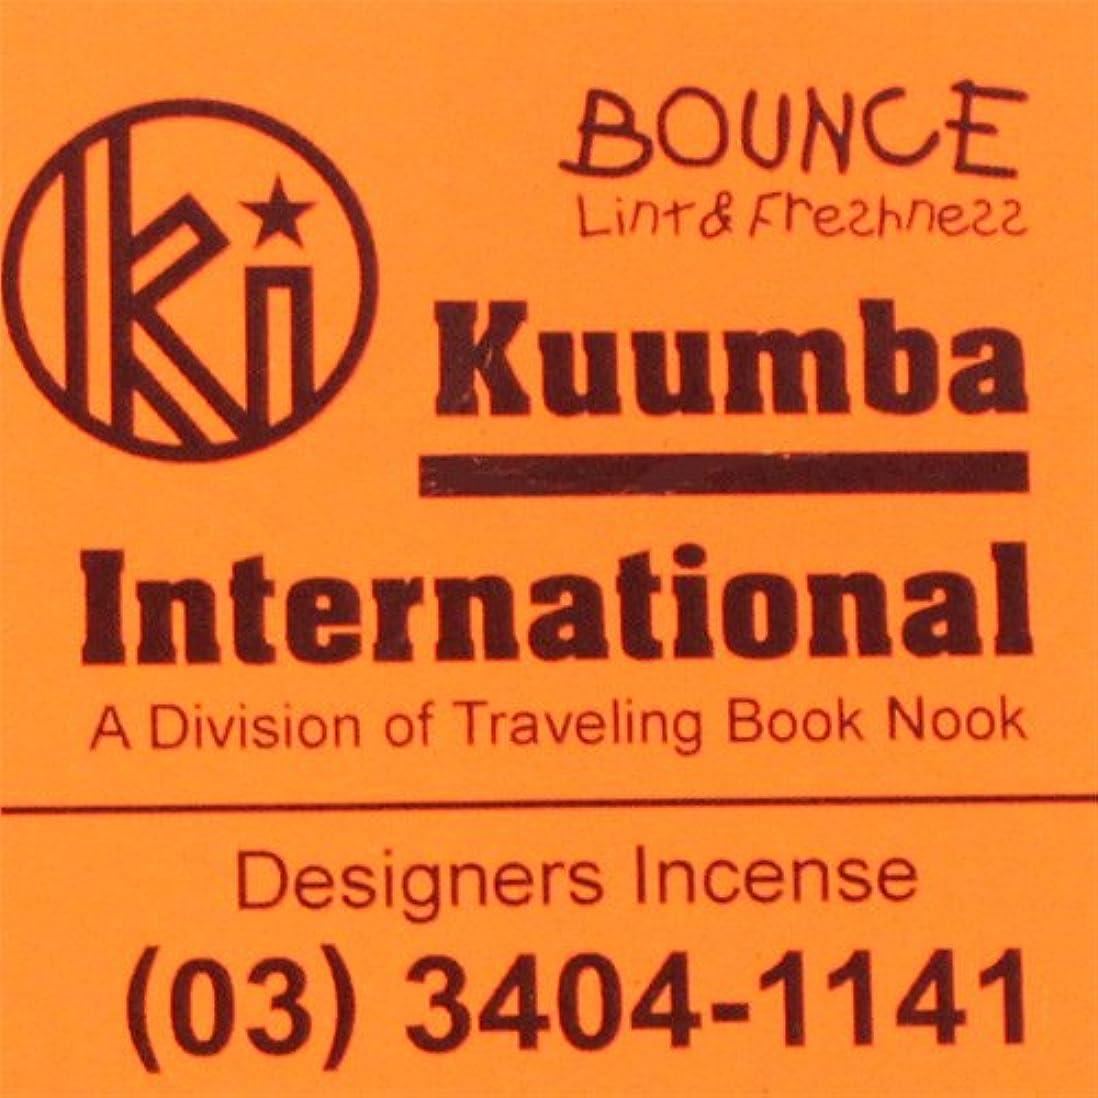 ロケットフィットネス例外KUUMBA / クンバ『incense』(BOUNCE) (Regular size)